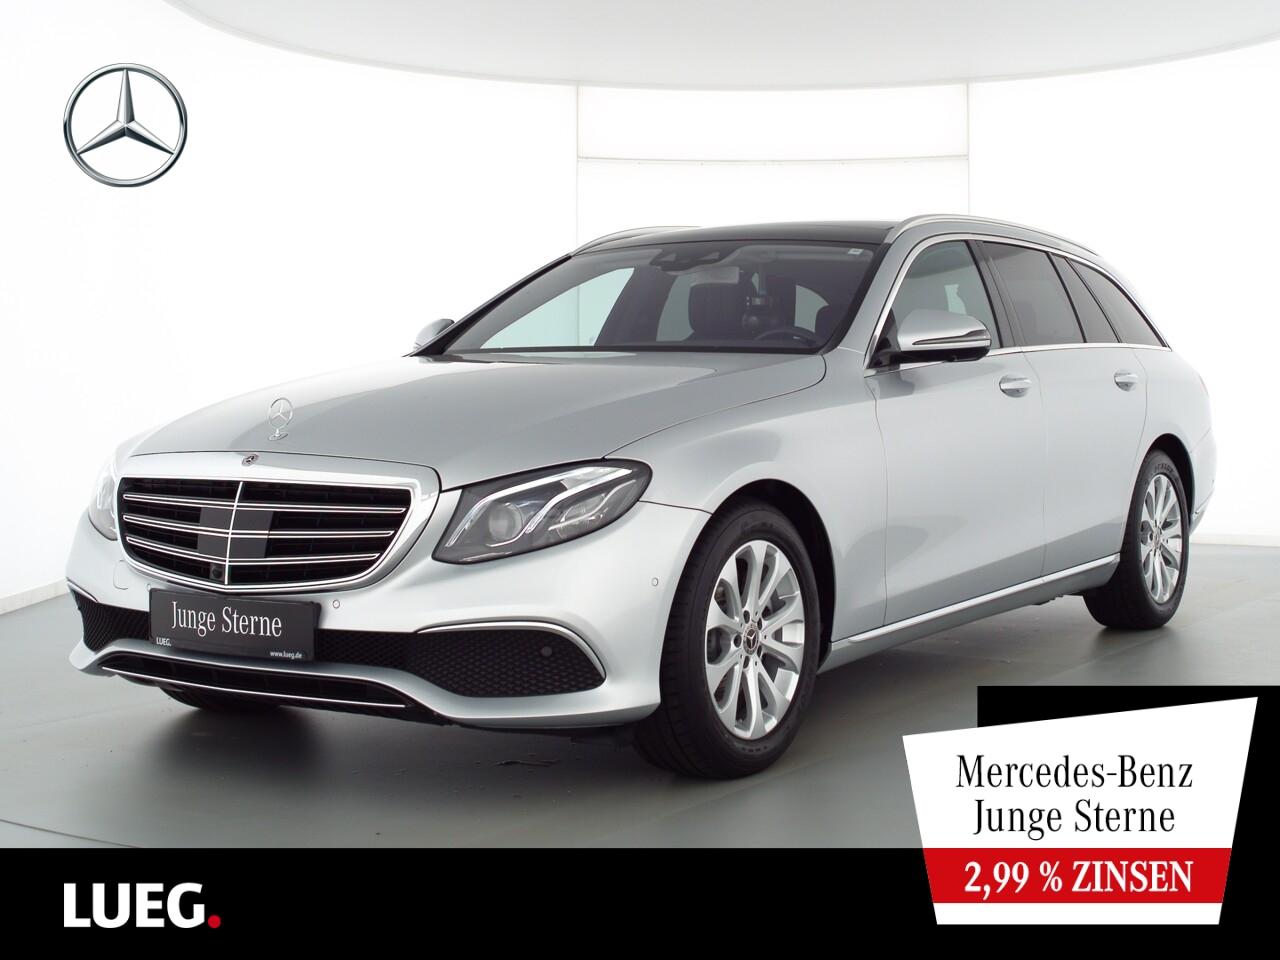 Mercedes-Benz E 200 T 4M Exclusive+COM+Pano+Burm+Mbeam+Mem+360, Jahr 2018, Benzin